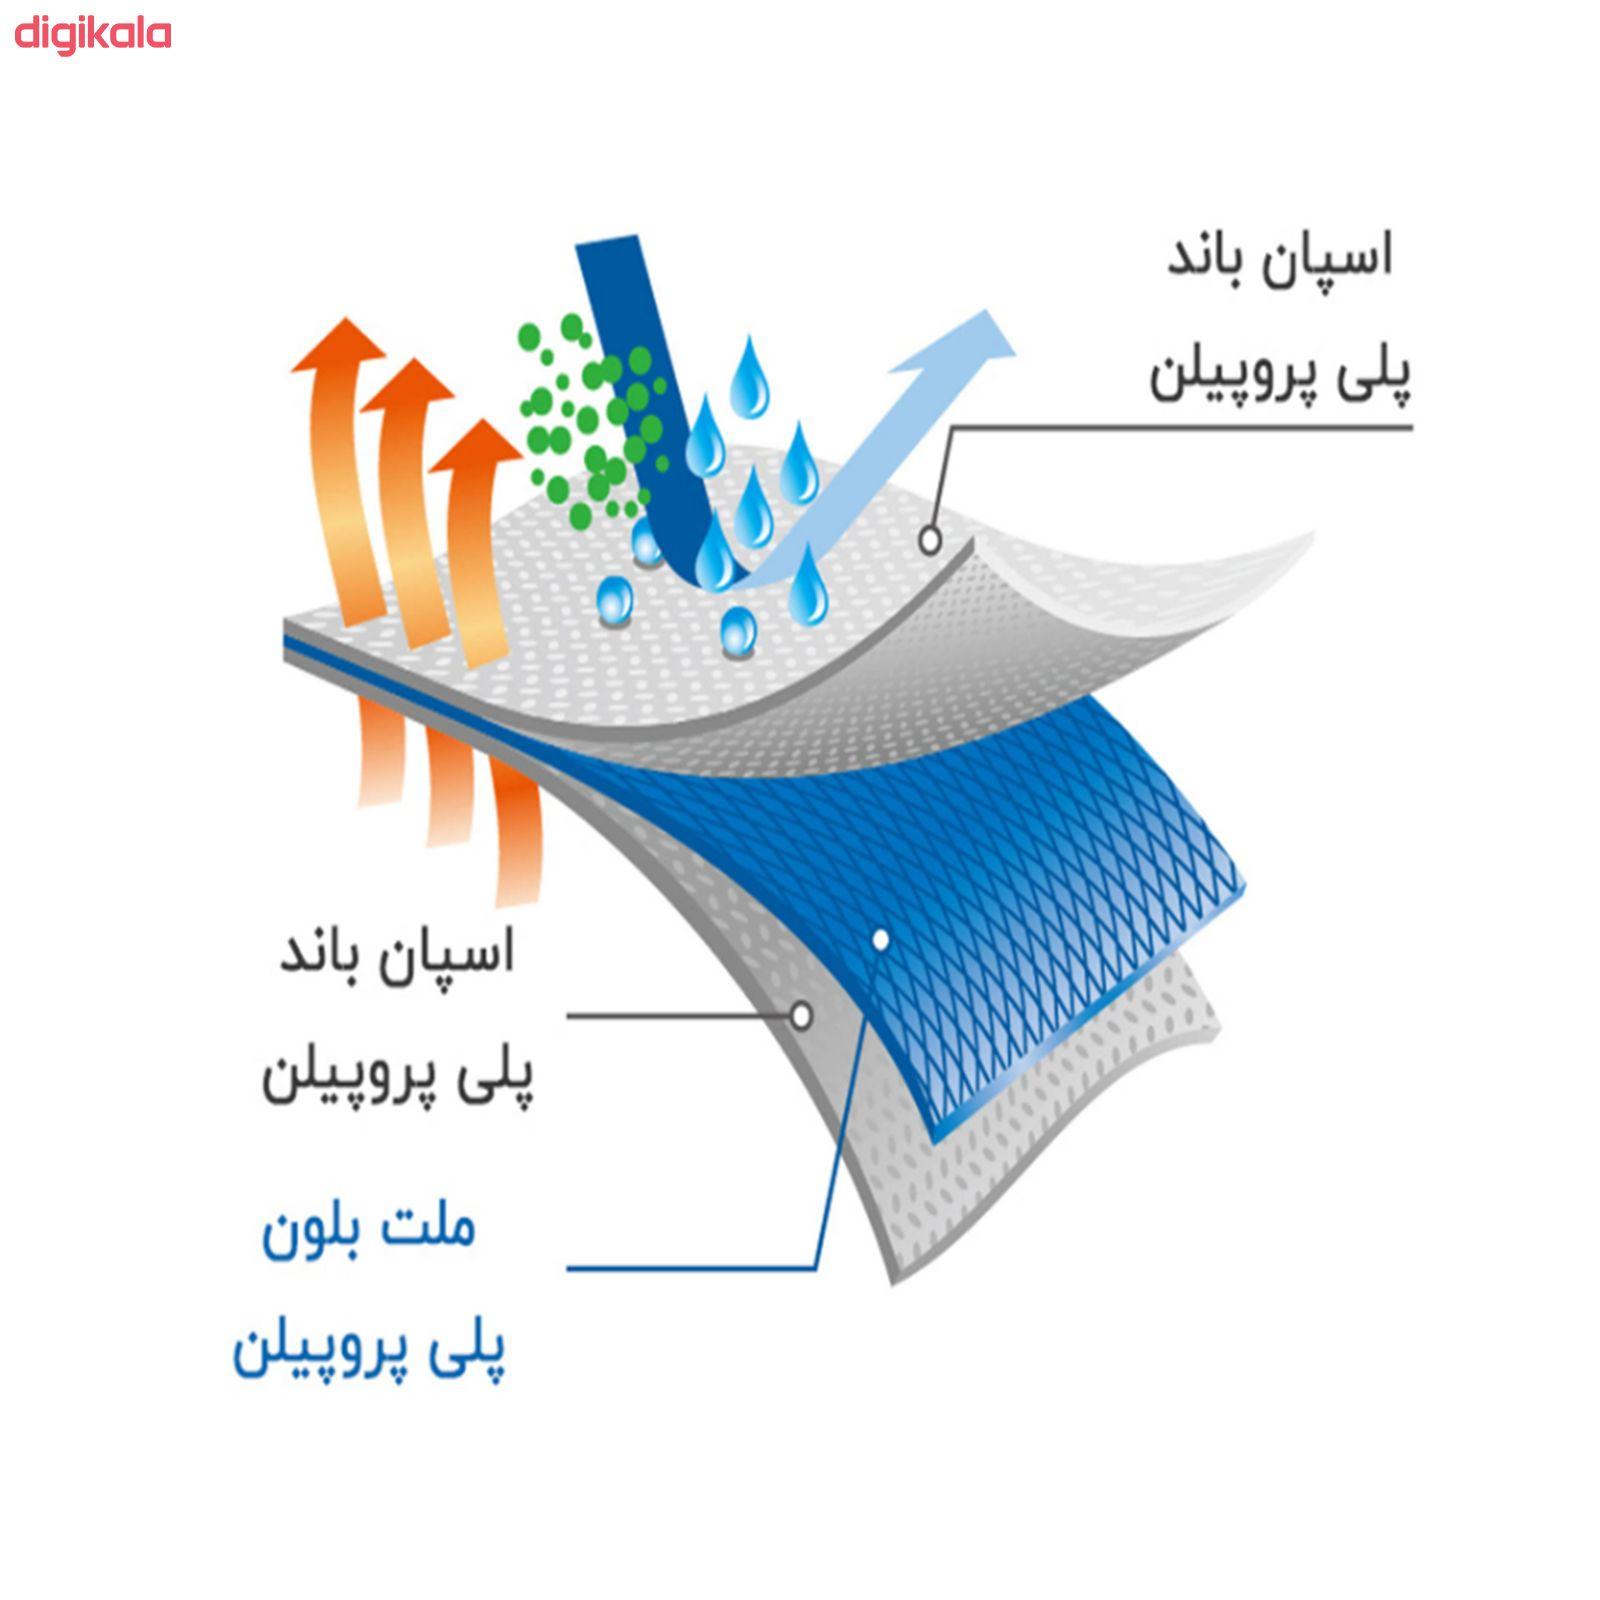 ماسک تنفسی ناردین مدل sms بسته 50 عددی main 1 5